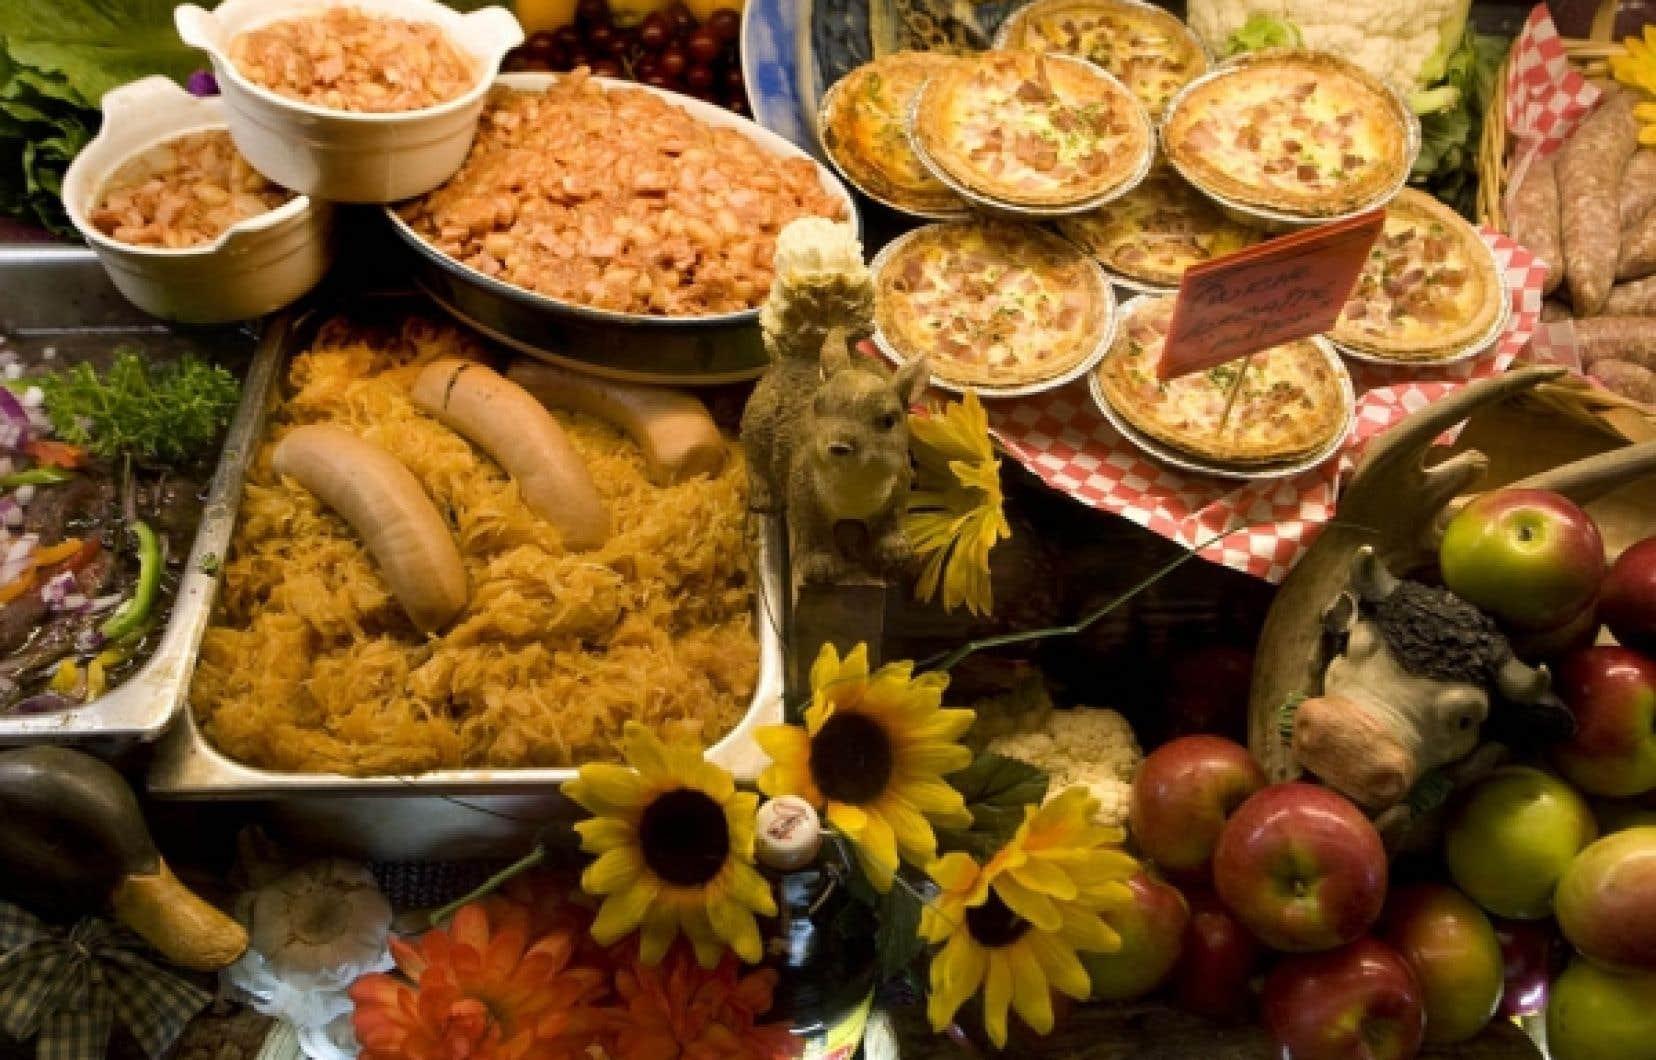 La choucroute et la quiche lorraine sont des exemples de mets rassurants et remplis de chaleur à mettre sur la table les jours froids d'automne. <br />